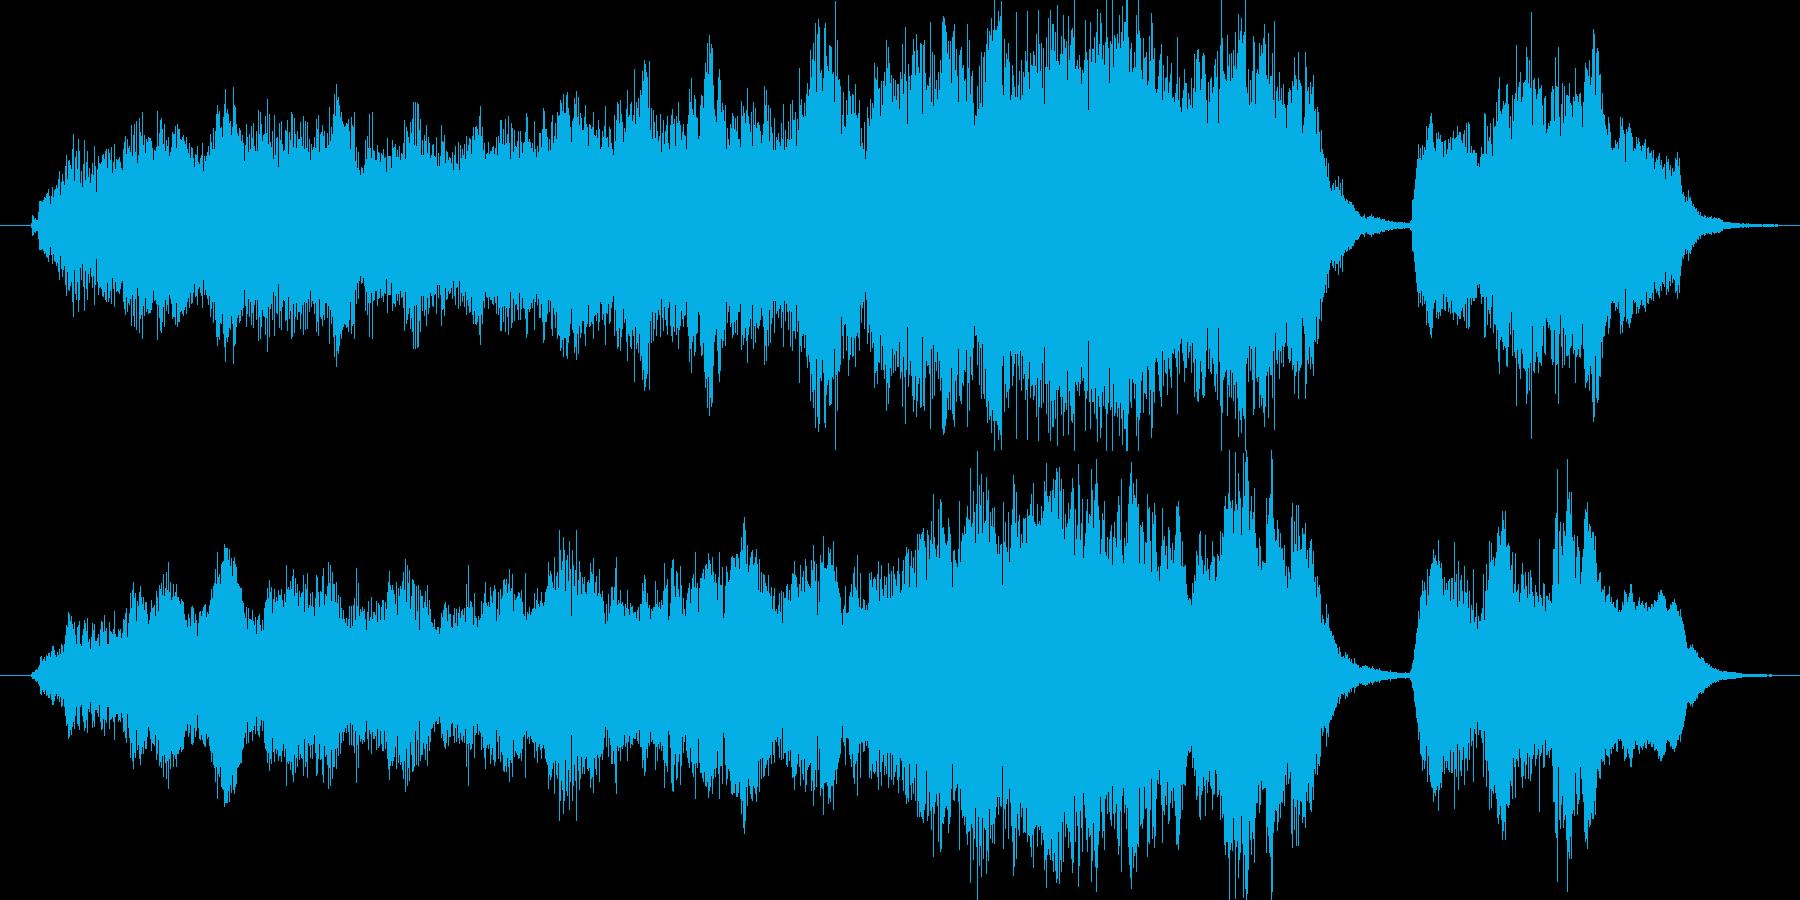 懐かしく壮大な心温まる楽曲の再生済みの波形